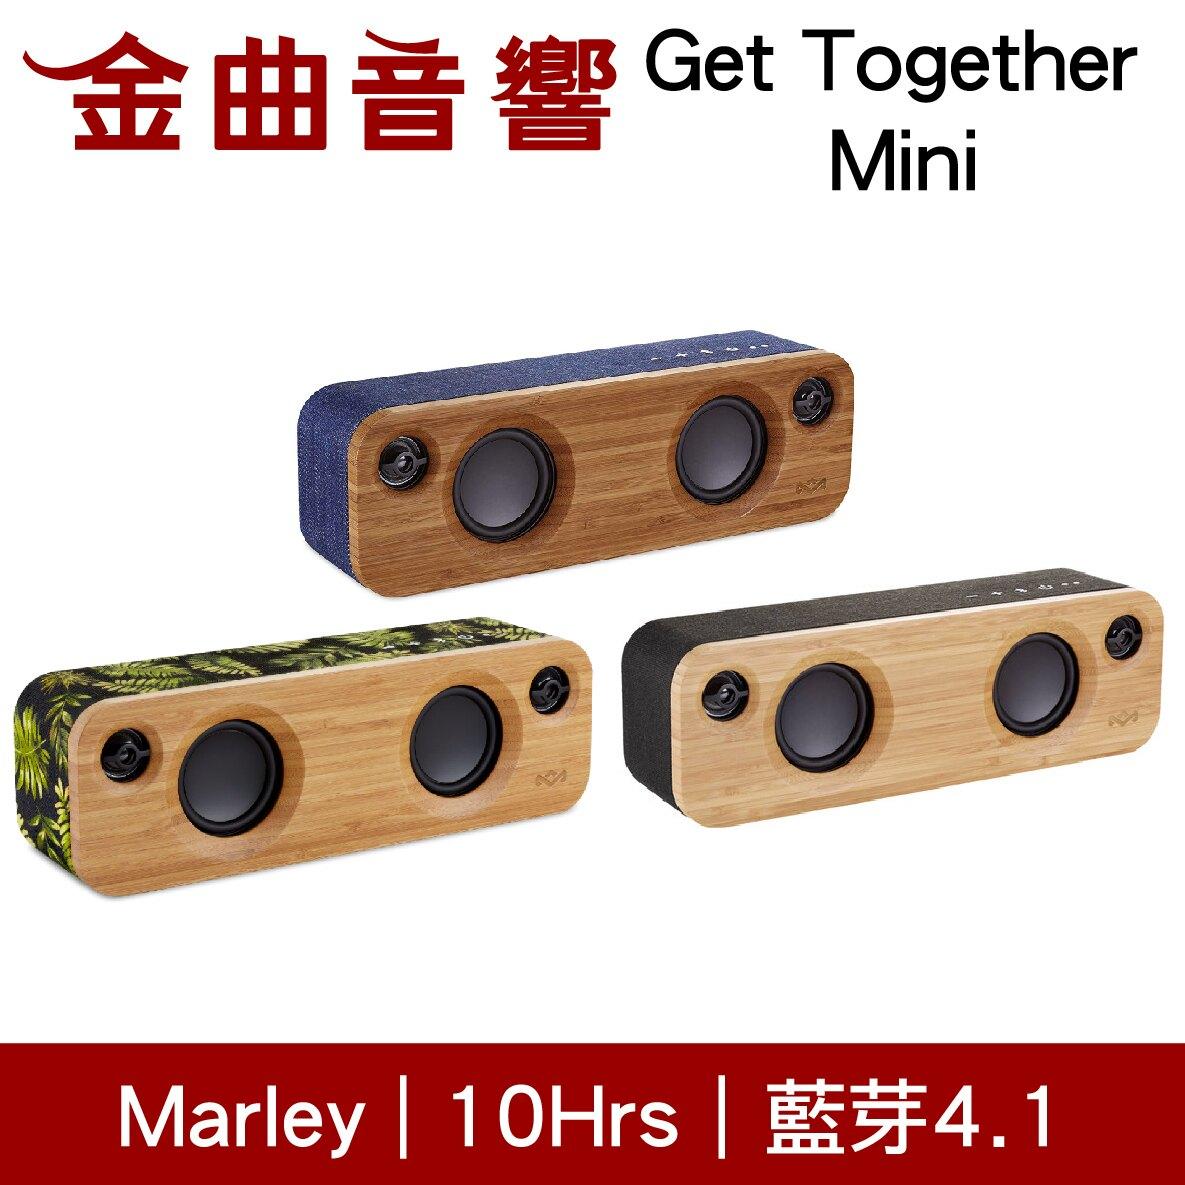 Marley Get Together Mini 三款可選 藍牙喇叭 經典木質喇叭 高清完美音質 | 金曲音響。人氣店家金曲音響的有最棒的商品。快到日本NO.1的Rakuten樂天市場的安全環境中盡情